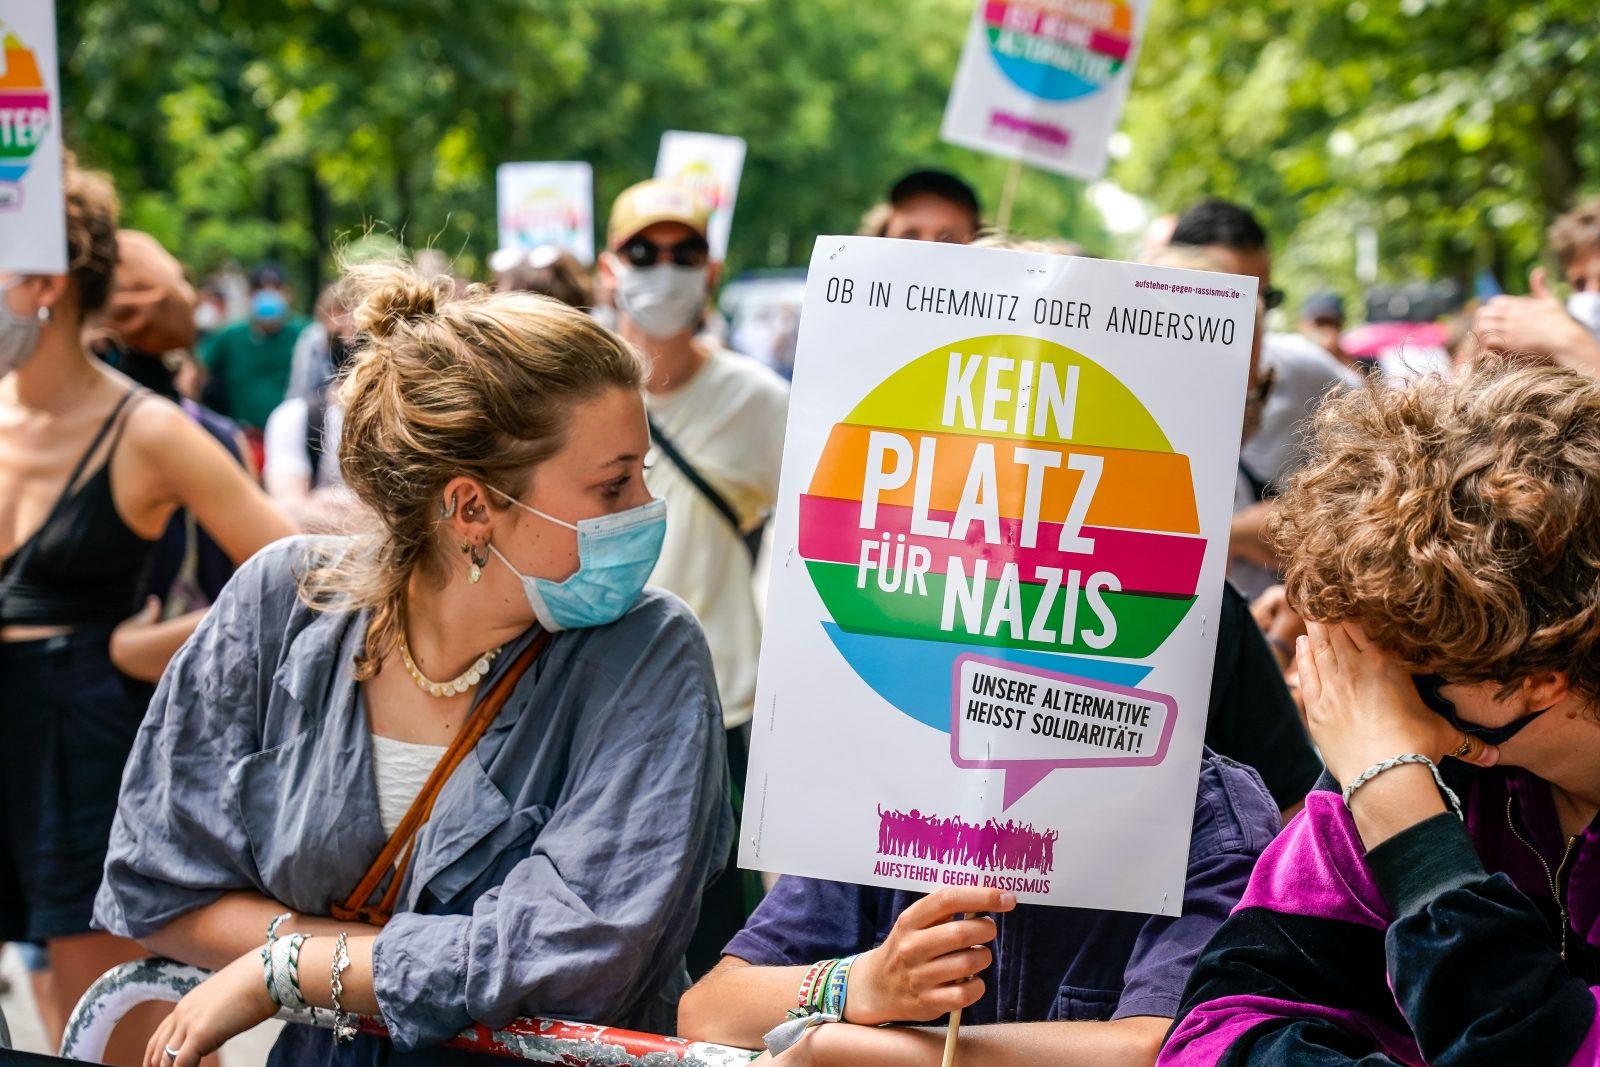 Die Proteste gegen die sogenannten Corona-Demonstrationen sollen erlaubt sein Foto: picture alliance/SULUPRESS.DE